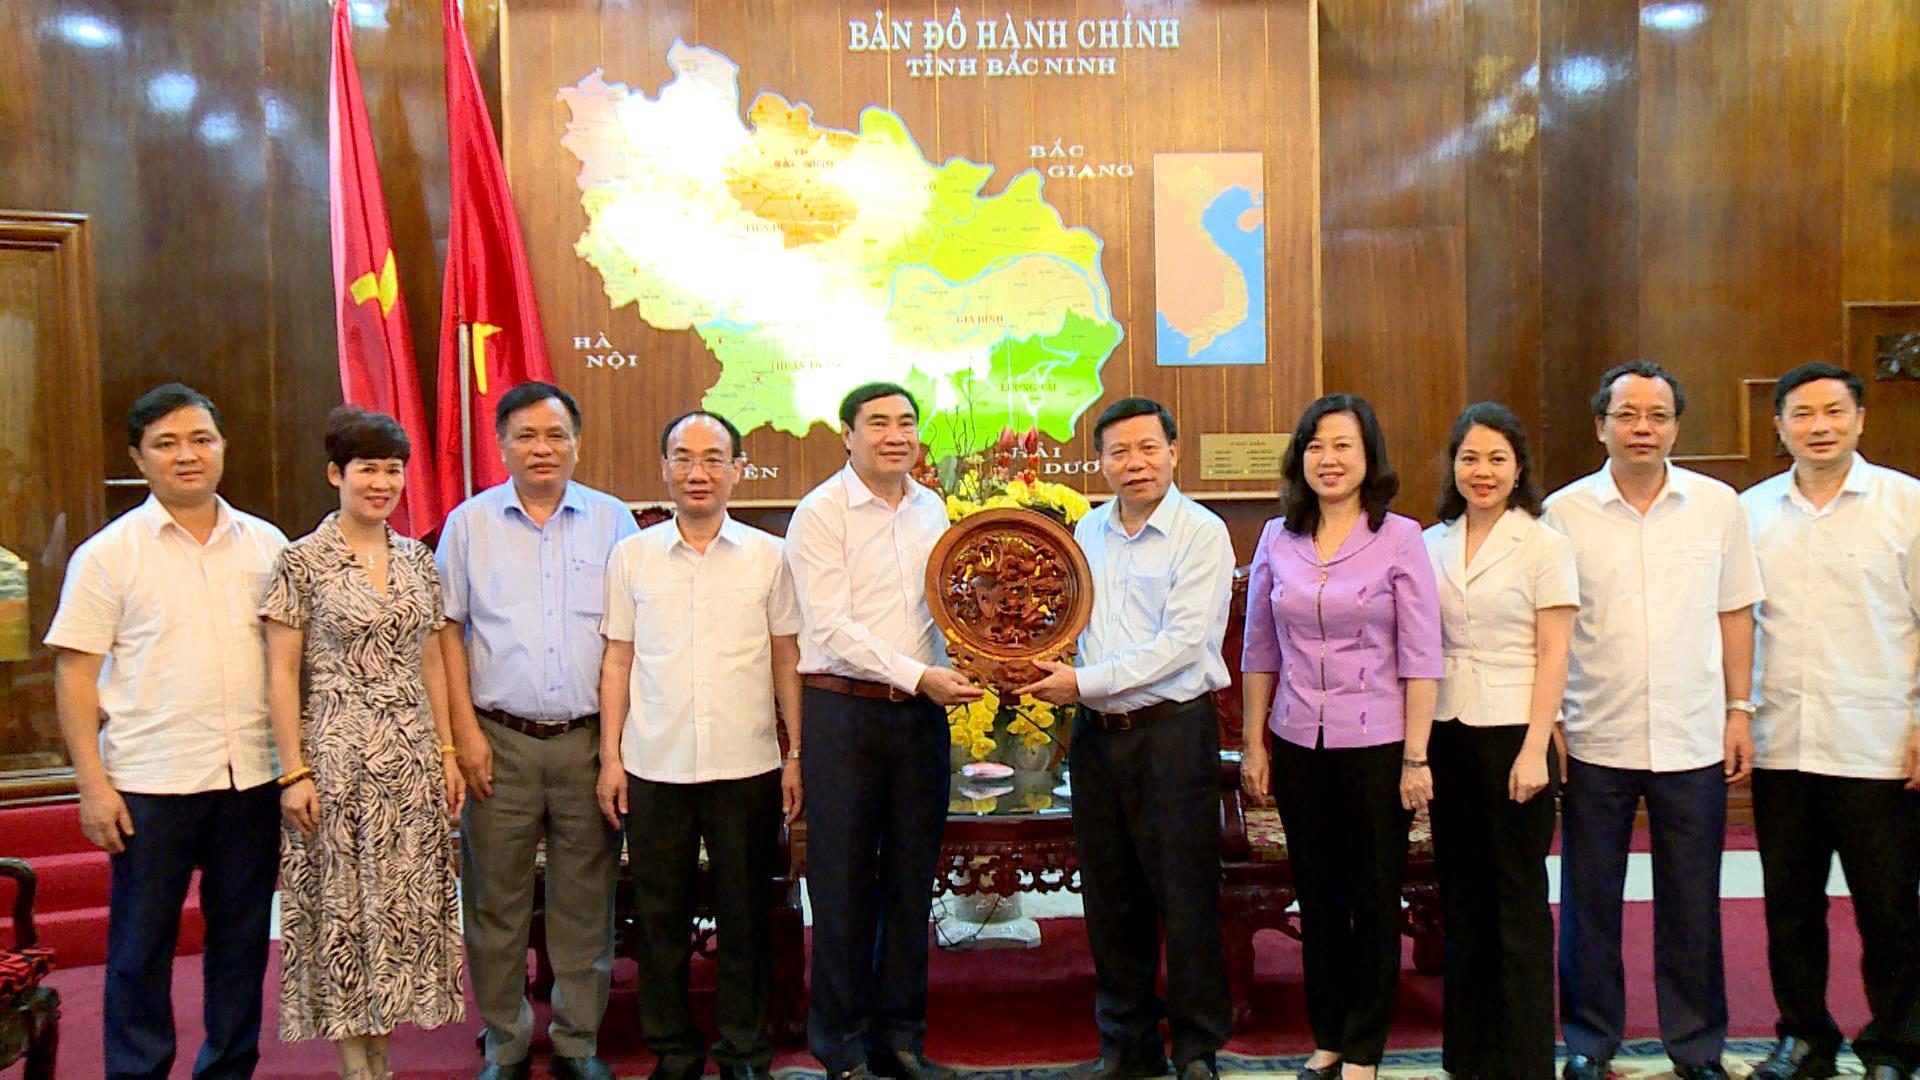 Ban Nội chính Trung ương làm việc với Tỉnh ủy Bắc Ninh